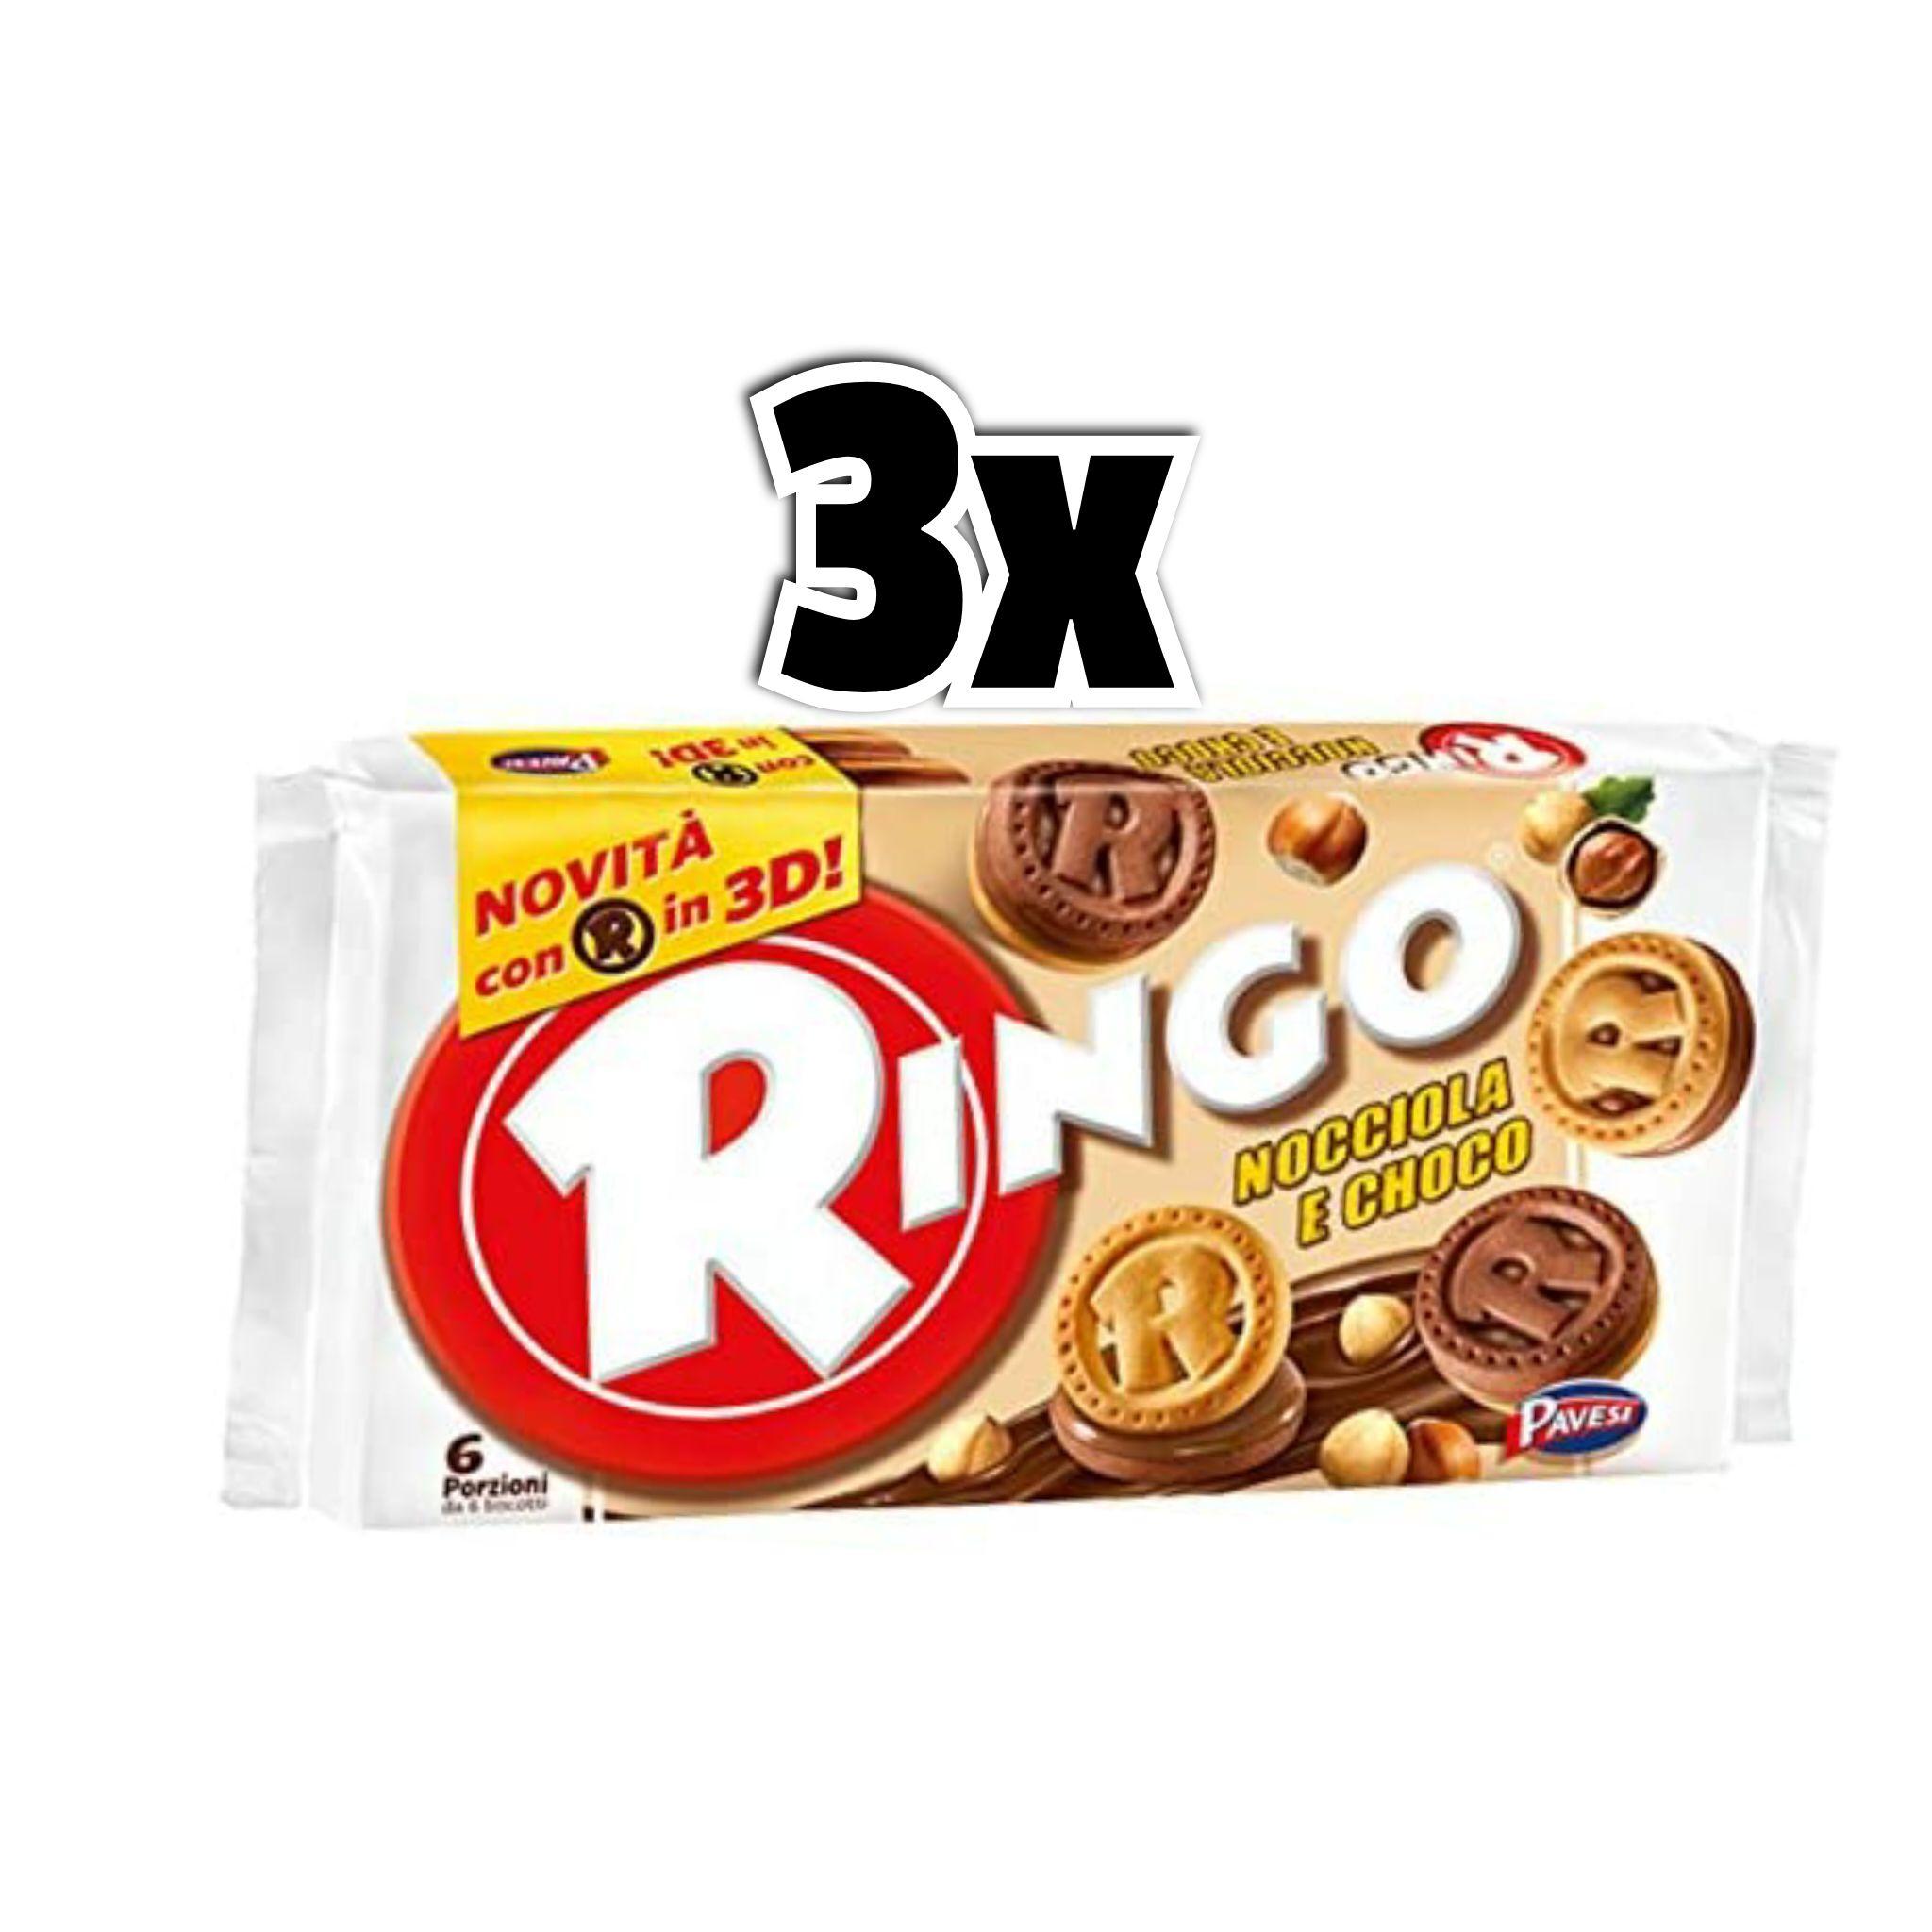 3x6 porzioni Ringo Nocciola e Choco